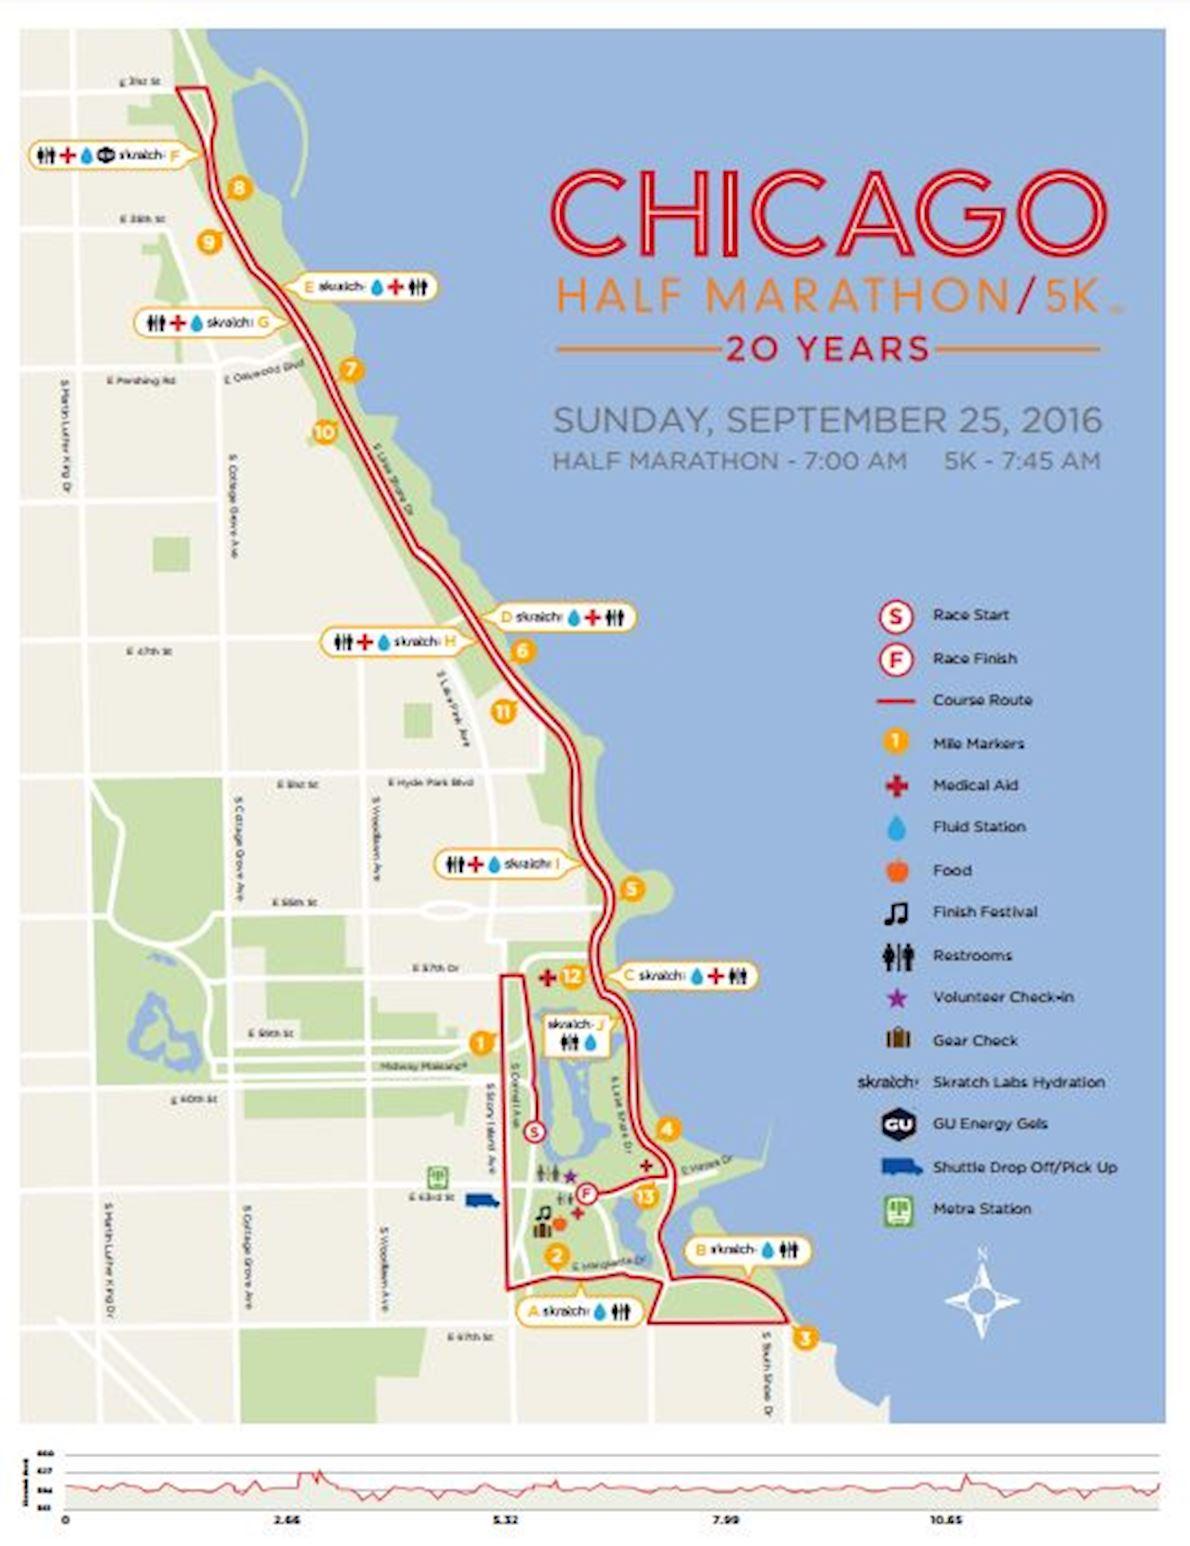 Chicago Half Marathon Worlds Marathons